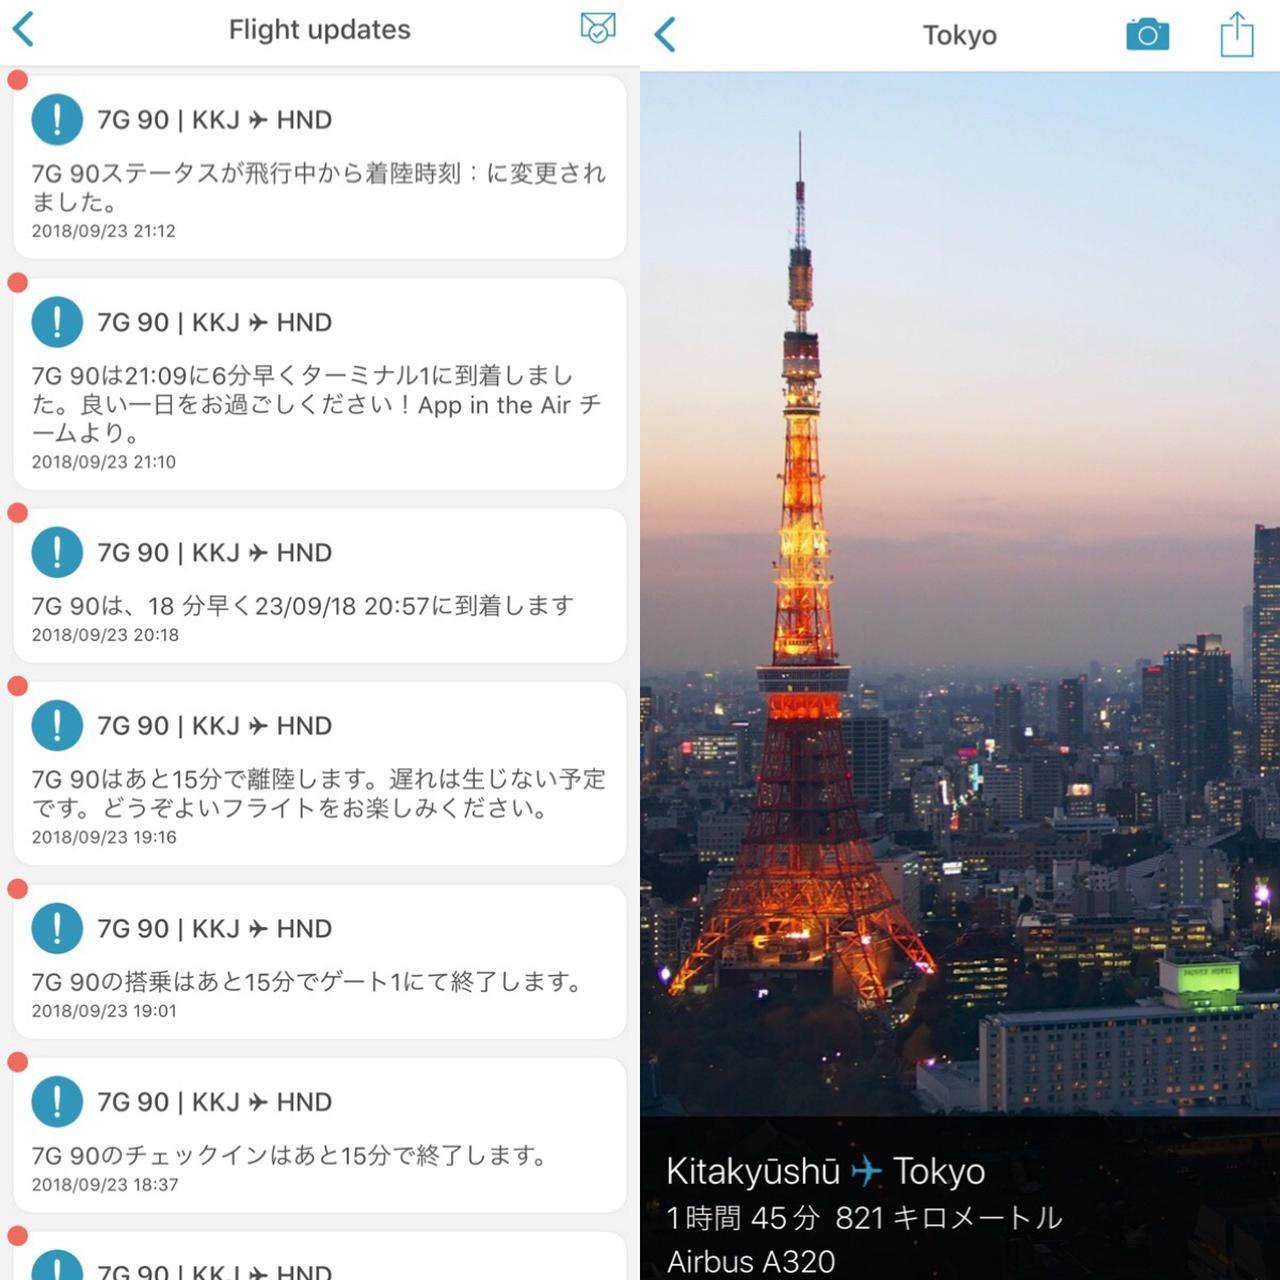 画像3: 旅行当日!まさかの事態が発生。でもアプリで逐一状況確認できます。